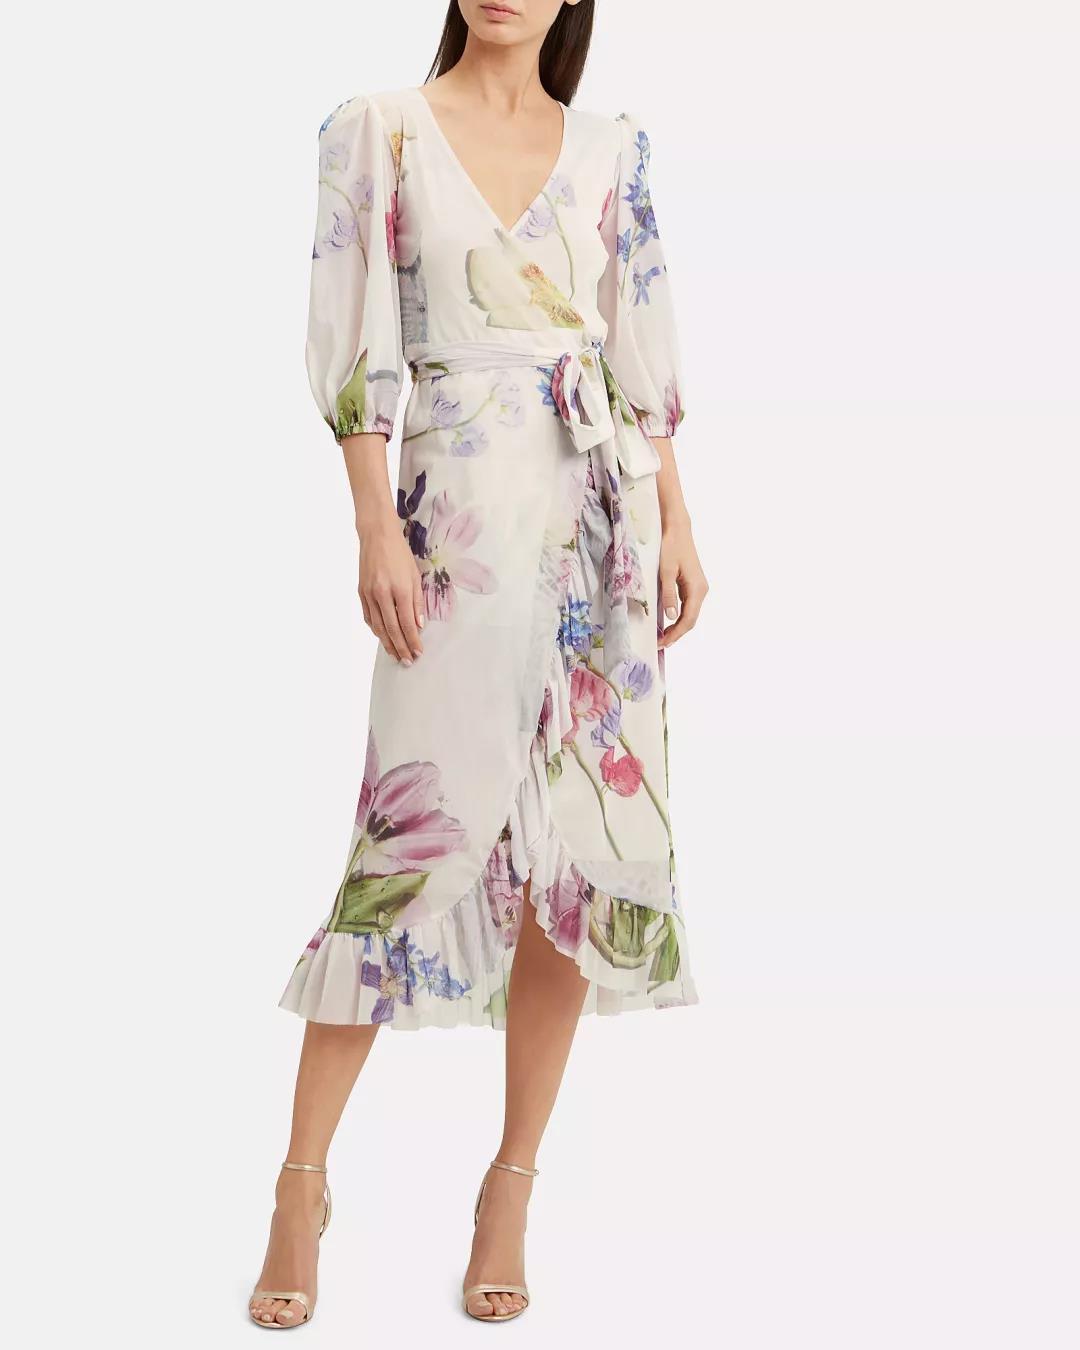 Intermix裹身式连衣裙